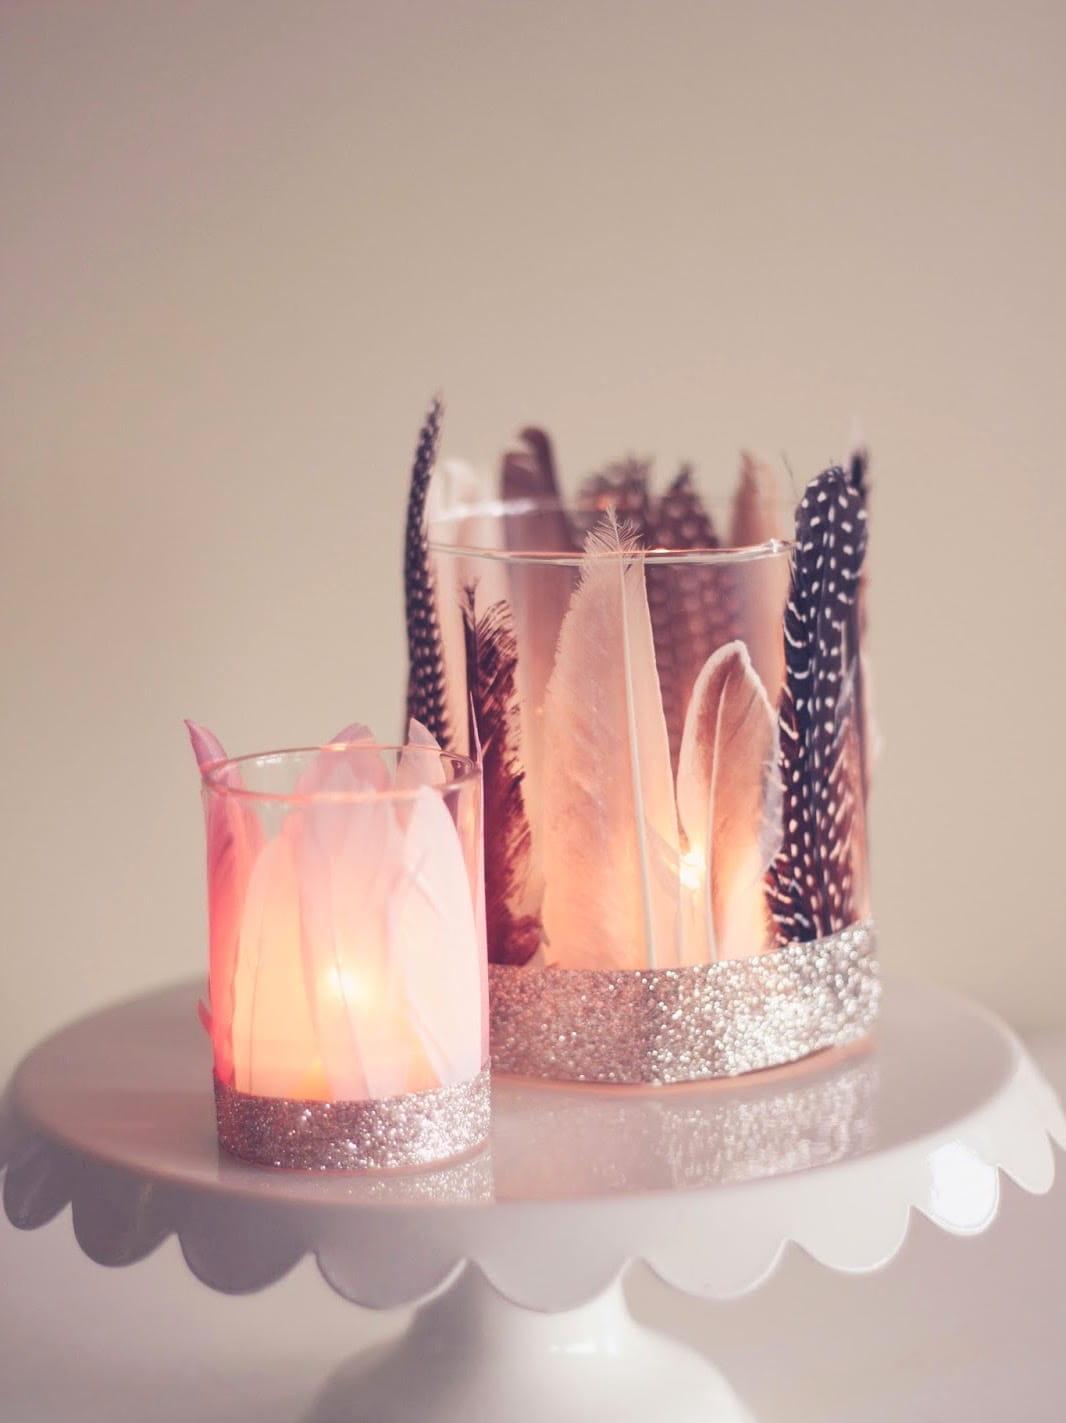 Создать невероятно романтическую обстановку можно с помощью декоративных подсвечников, выполненных из стеклянных стаканов и красивых перьев